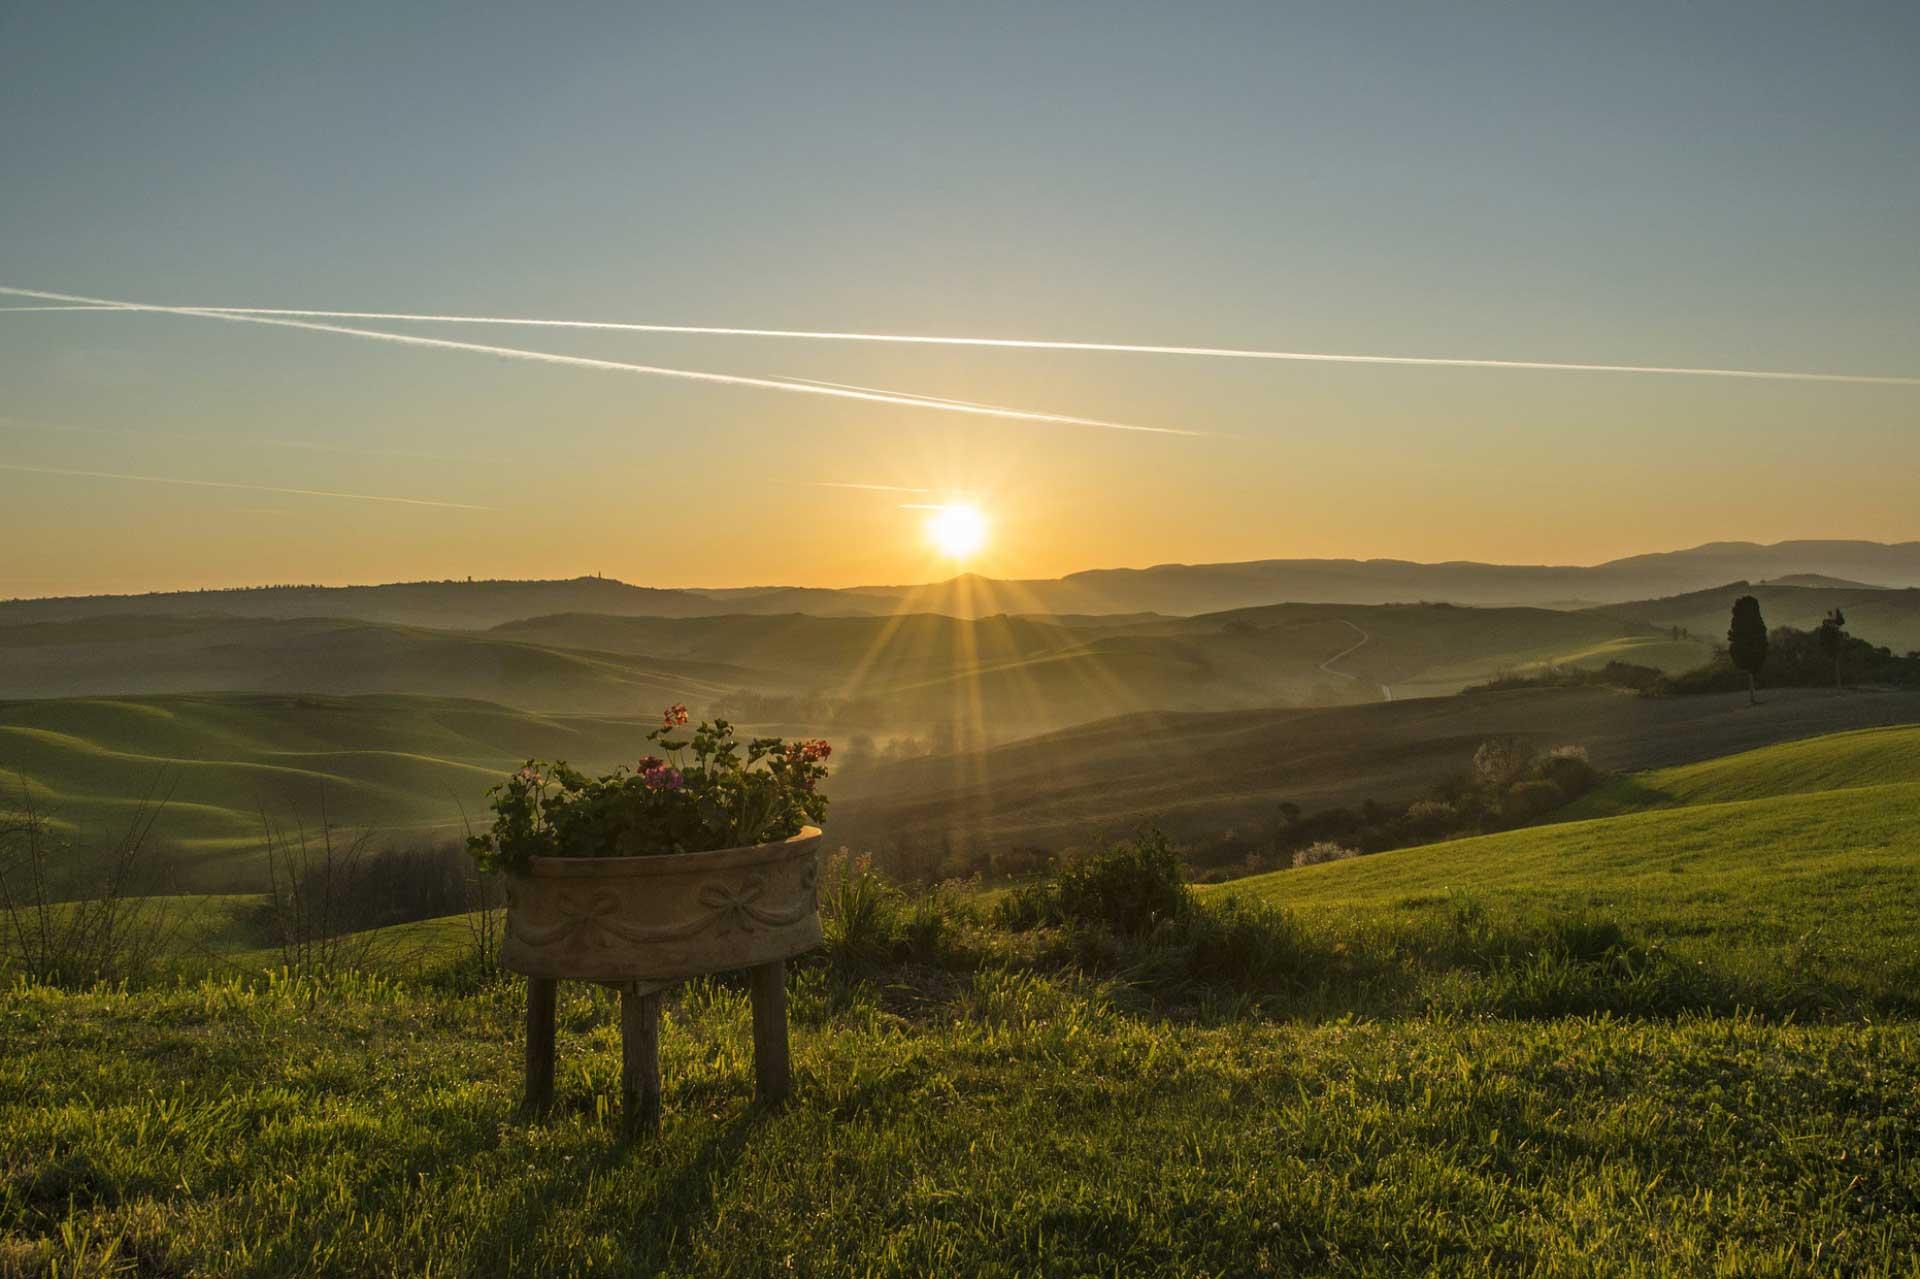 tramonto con colline verdi